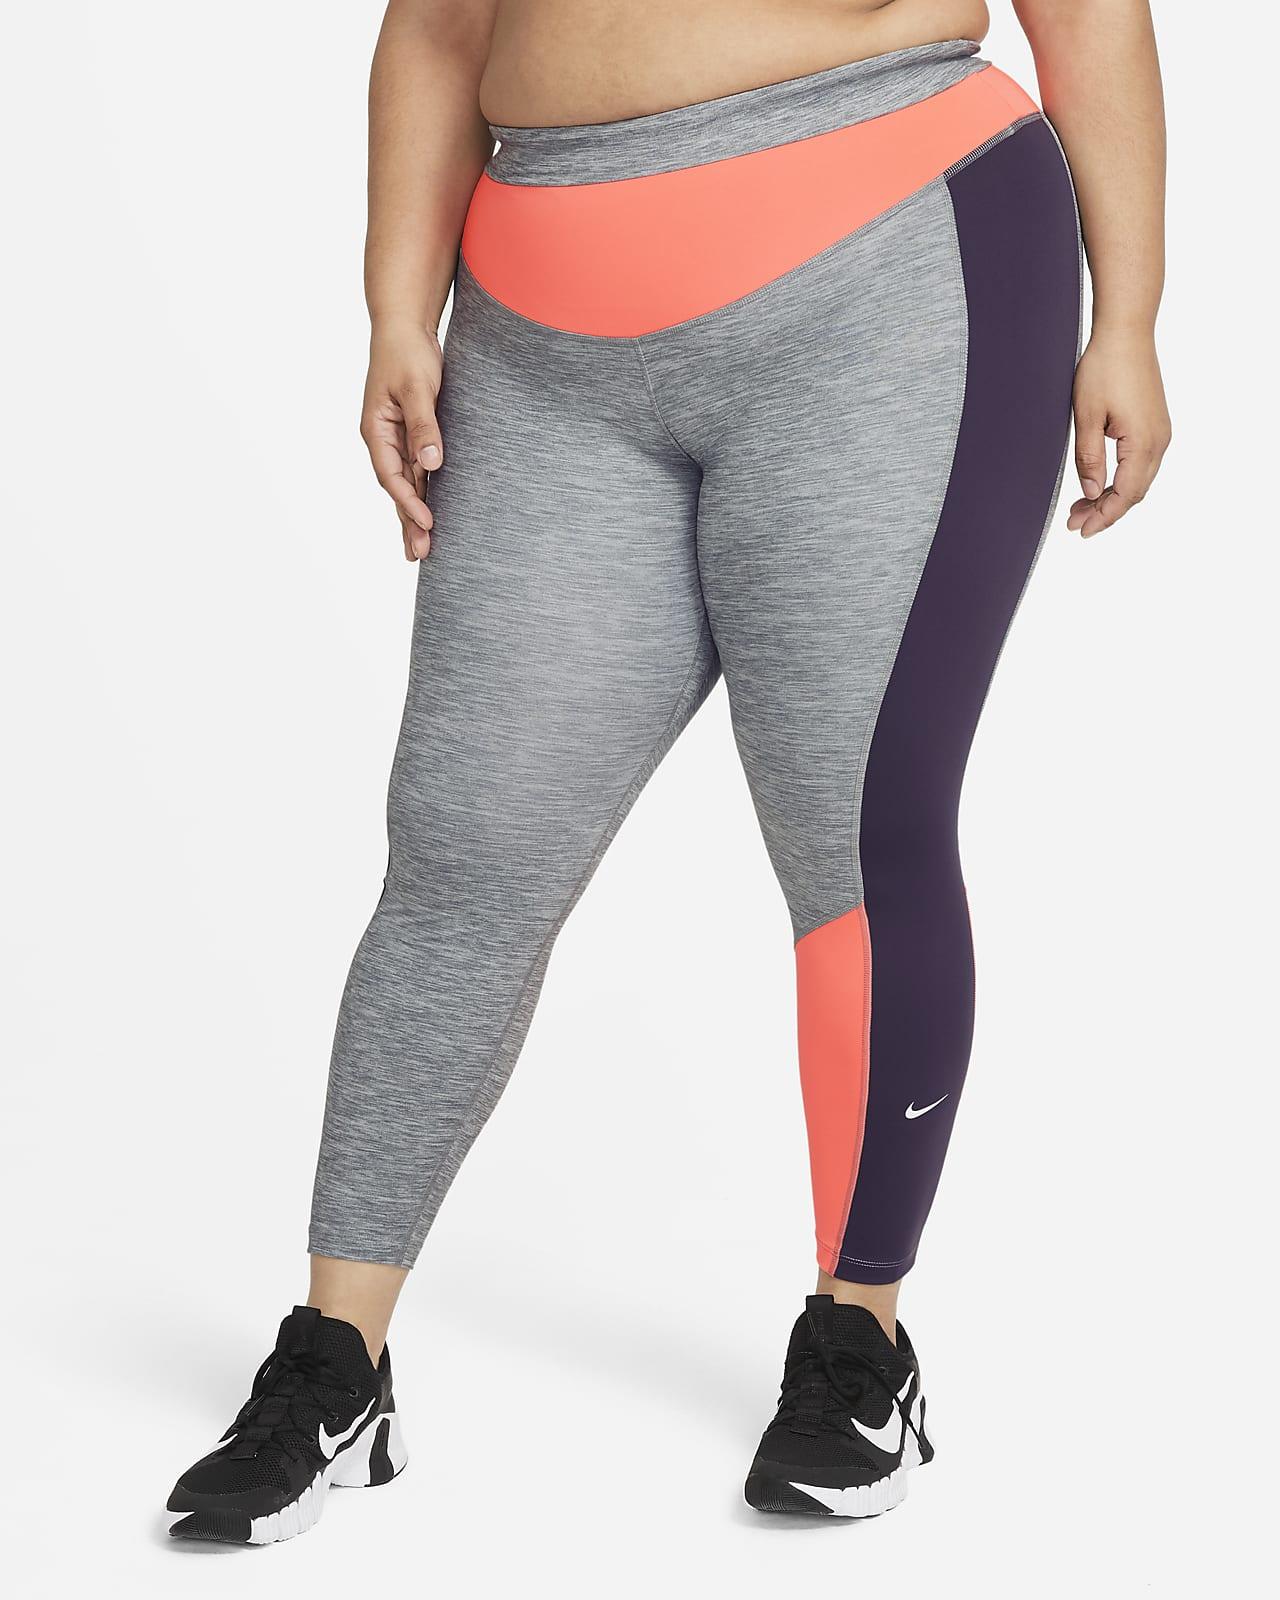 Leggings con bloques de color jaspeado de 7/8 para mujer Nike One (talla grande)